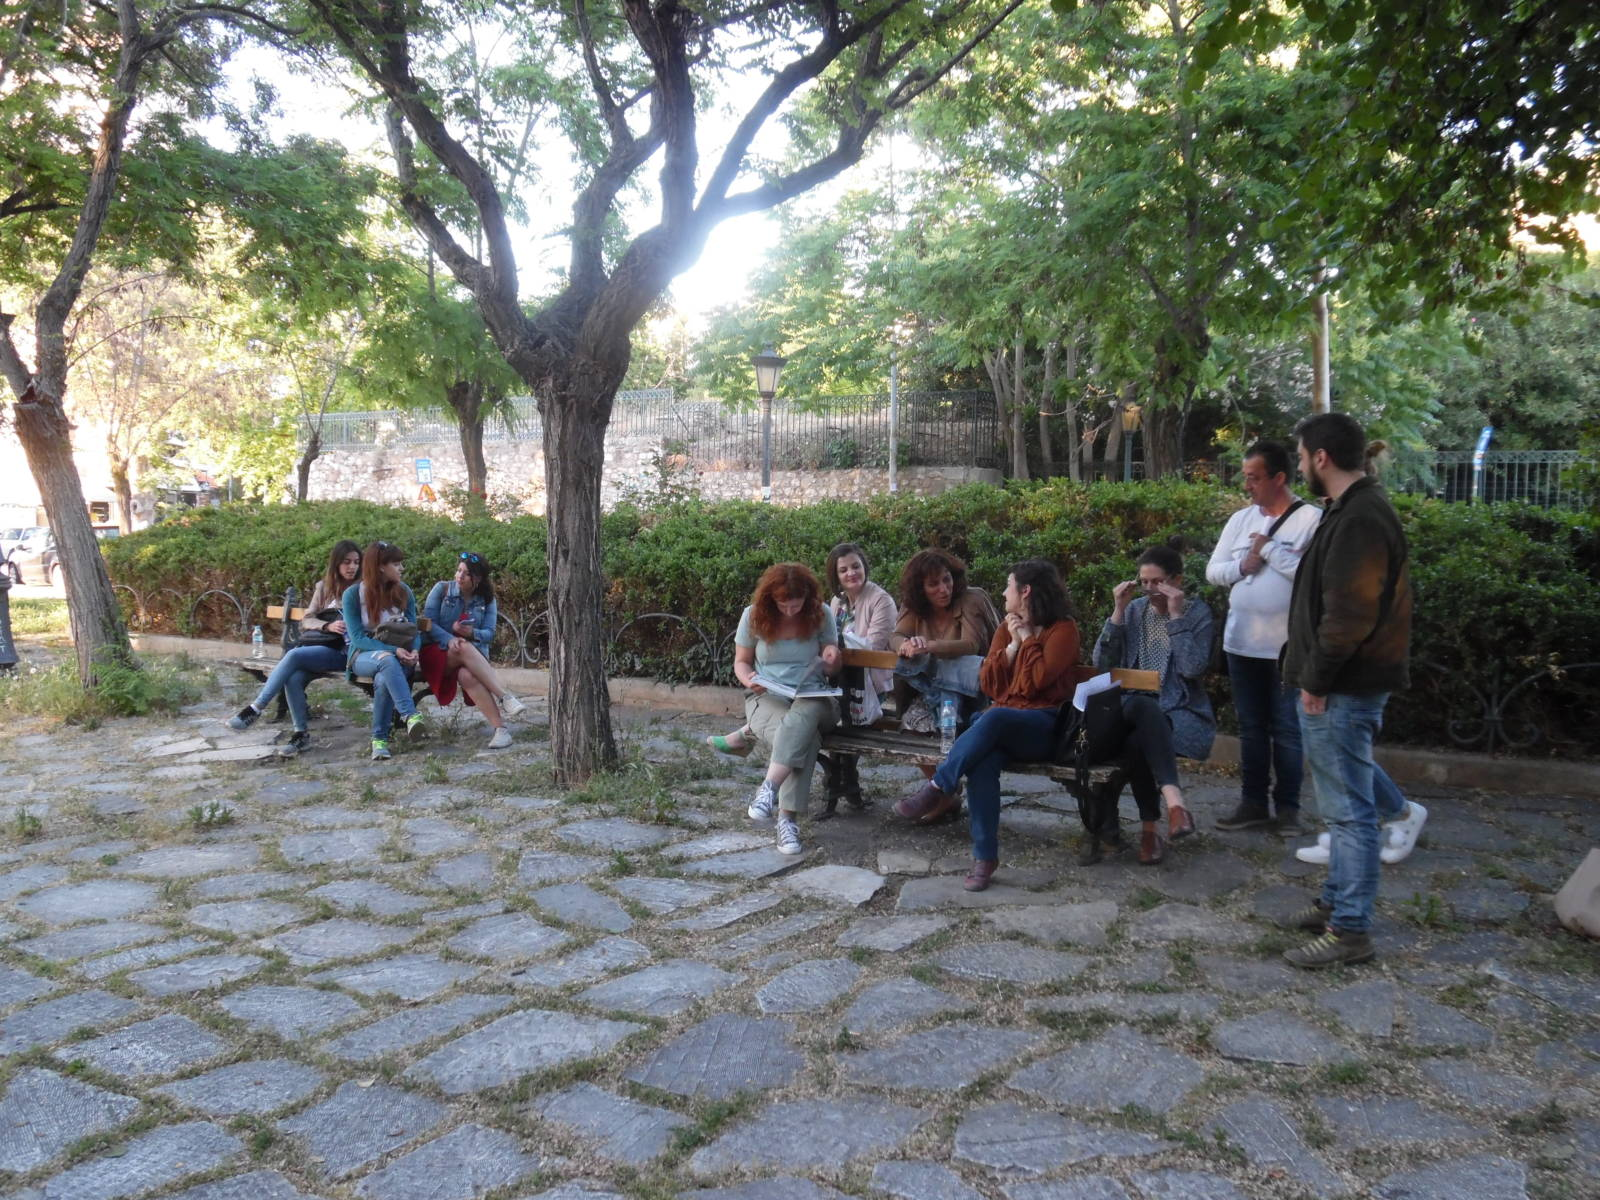 Ελένοι Γκόρα-Αρχαίοι Ελληνικού Μύθοι